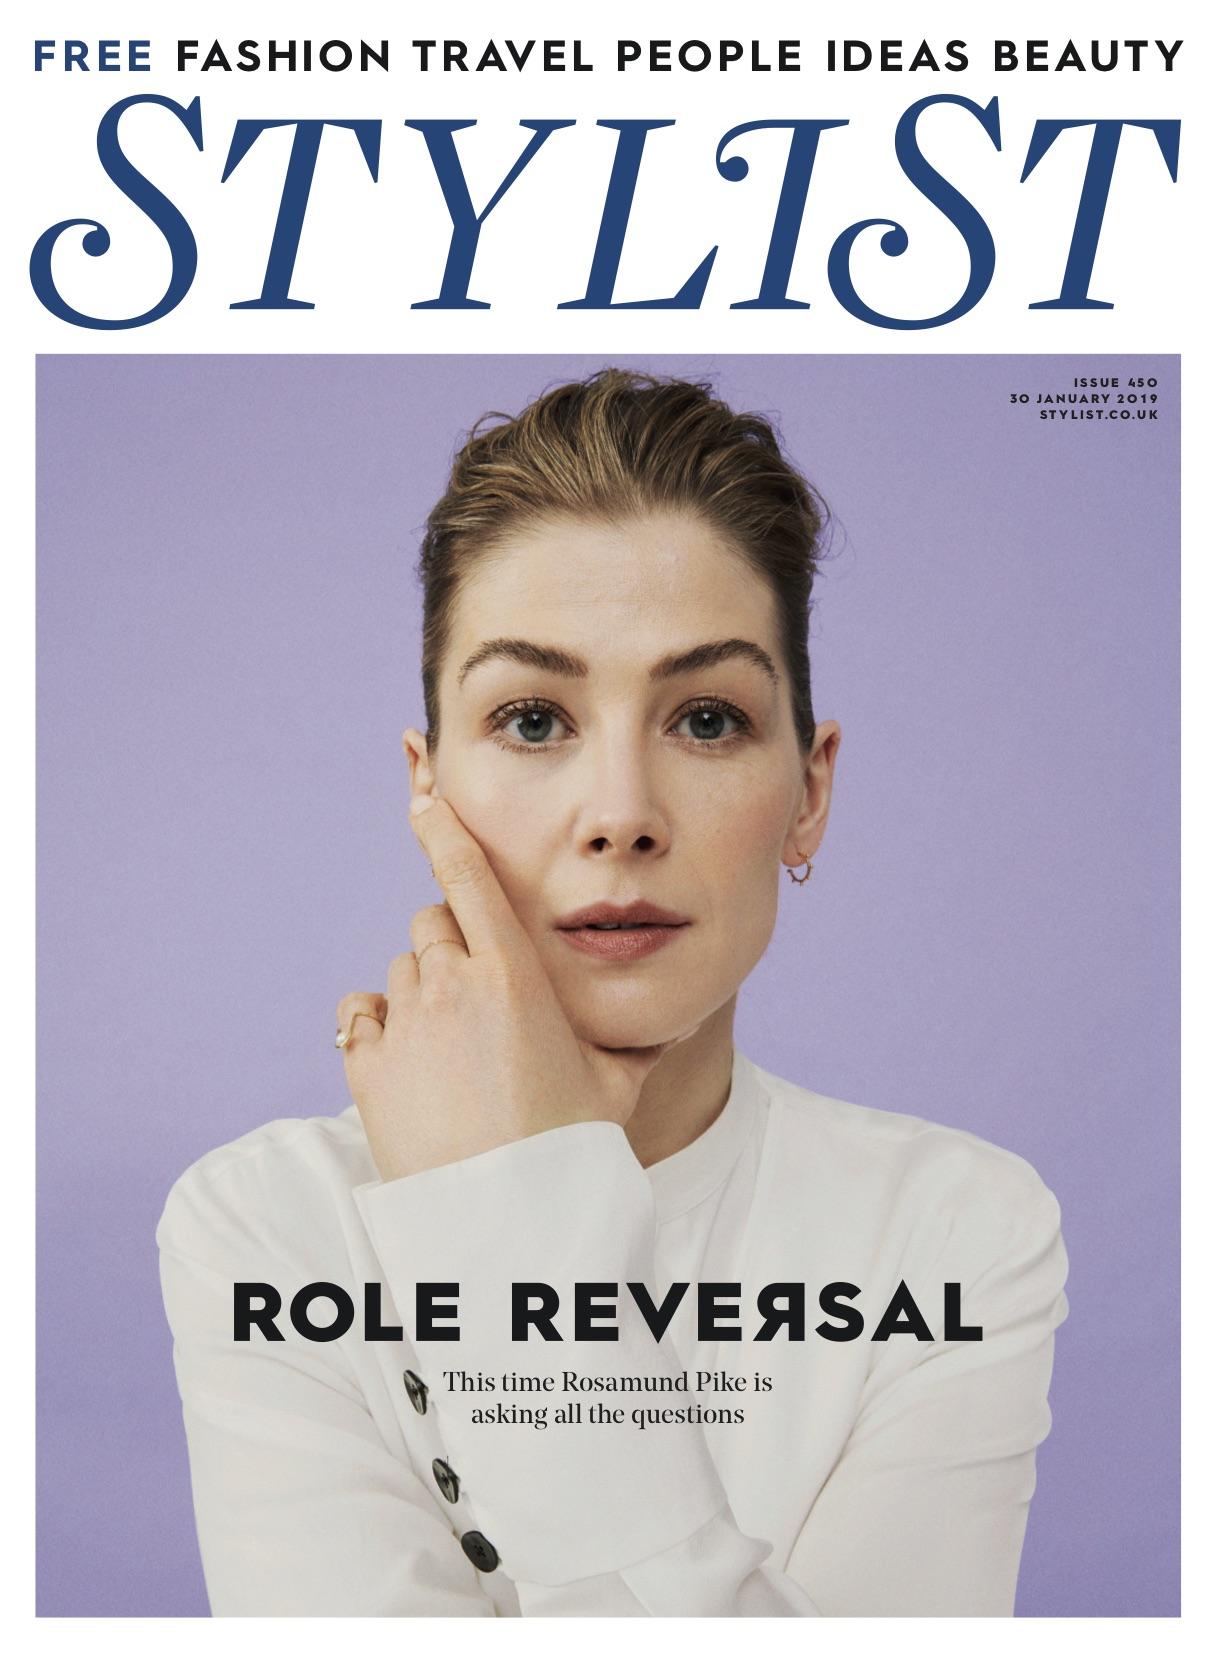 STY450_COVER.jpg